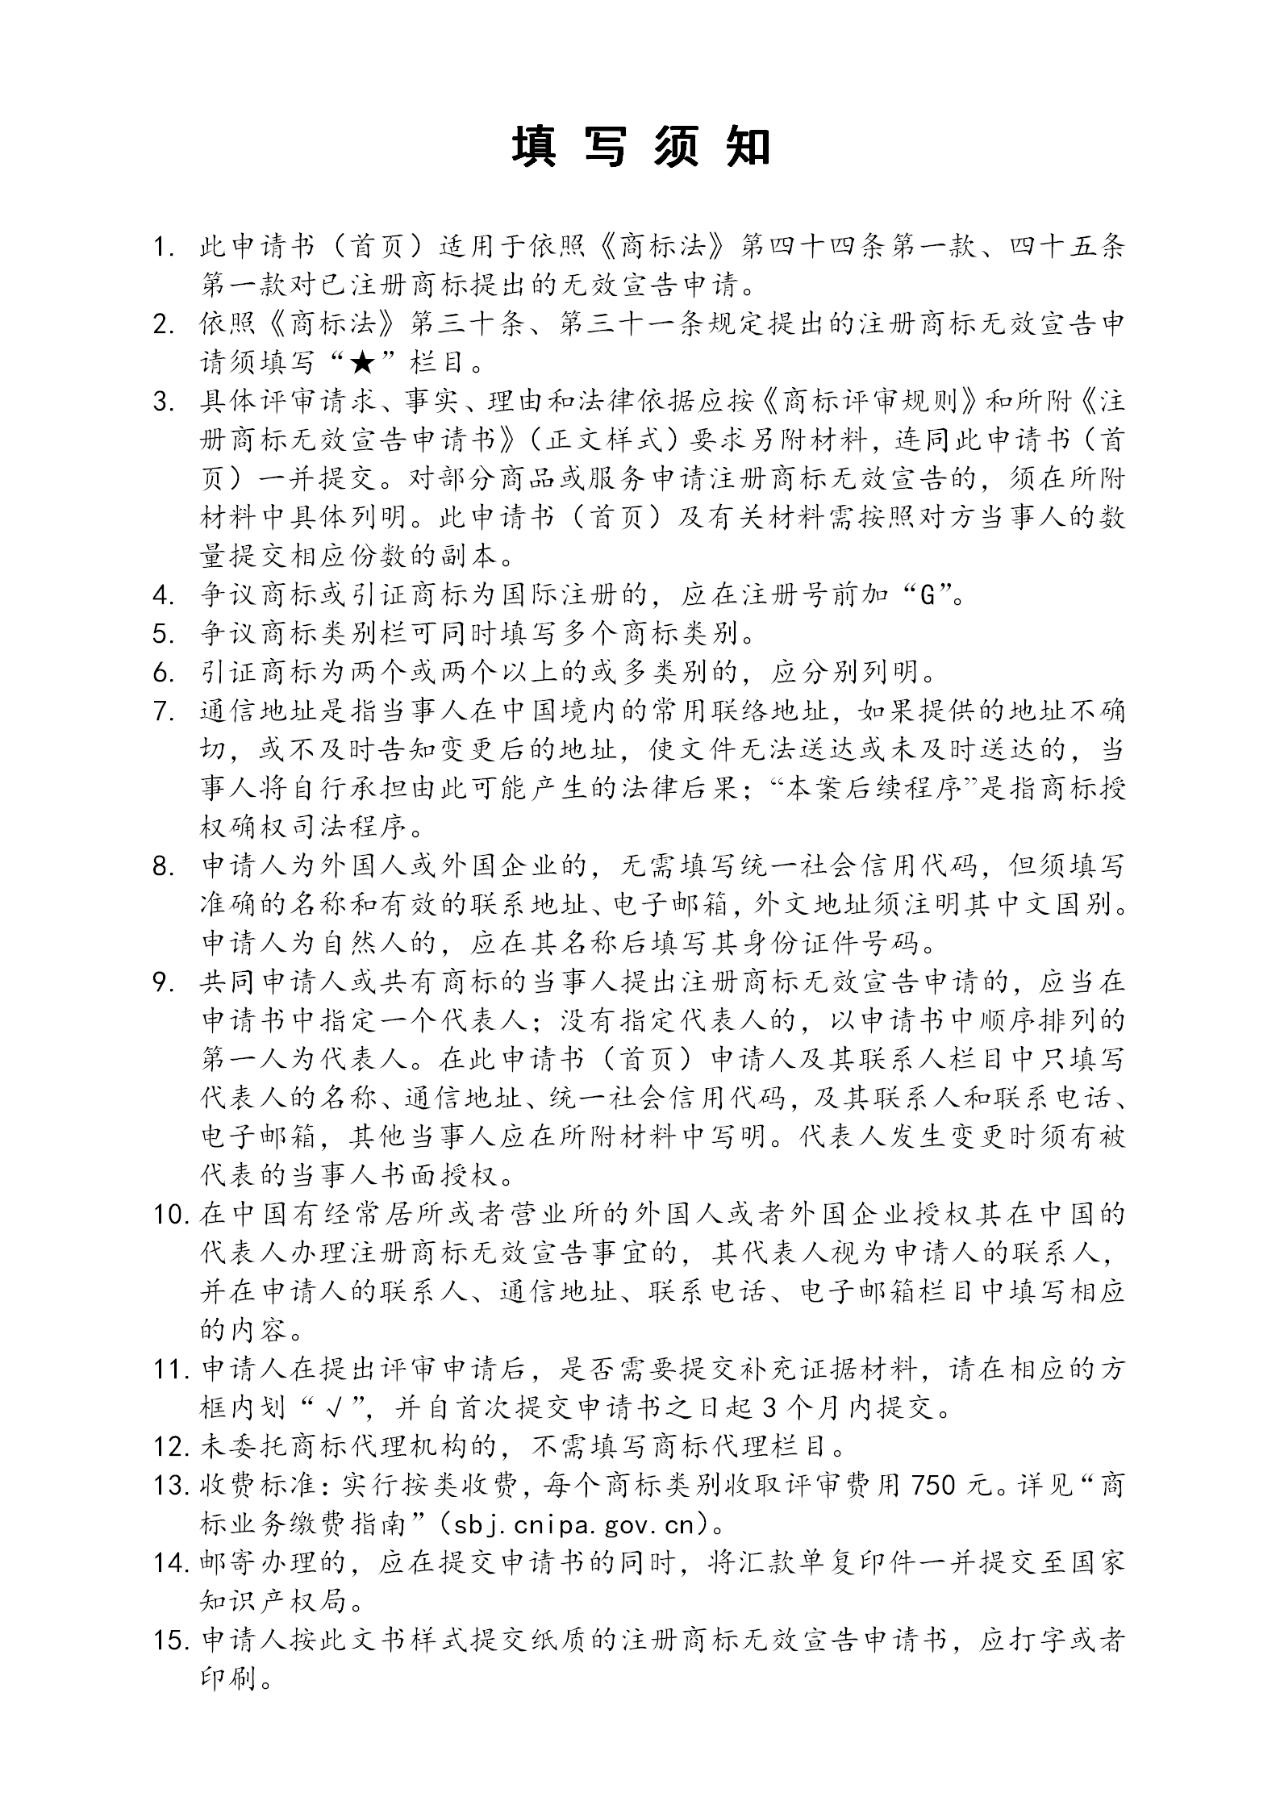 关于修改三种商标申请书式通信地址有关事项的公告